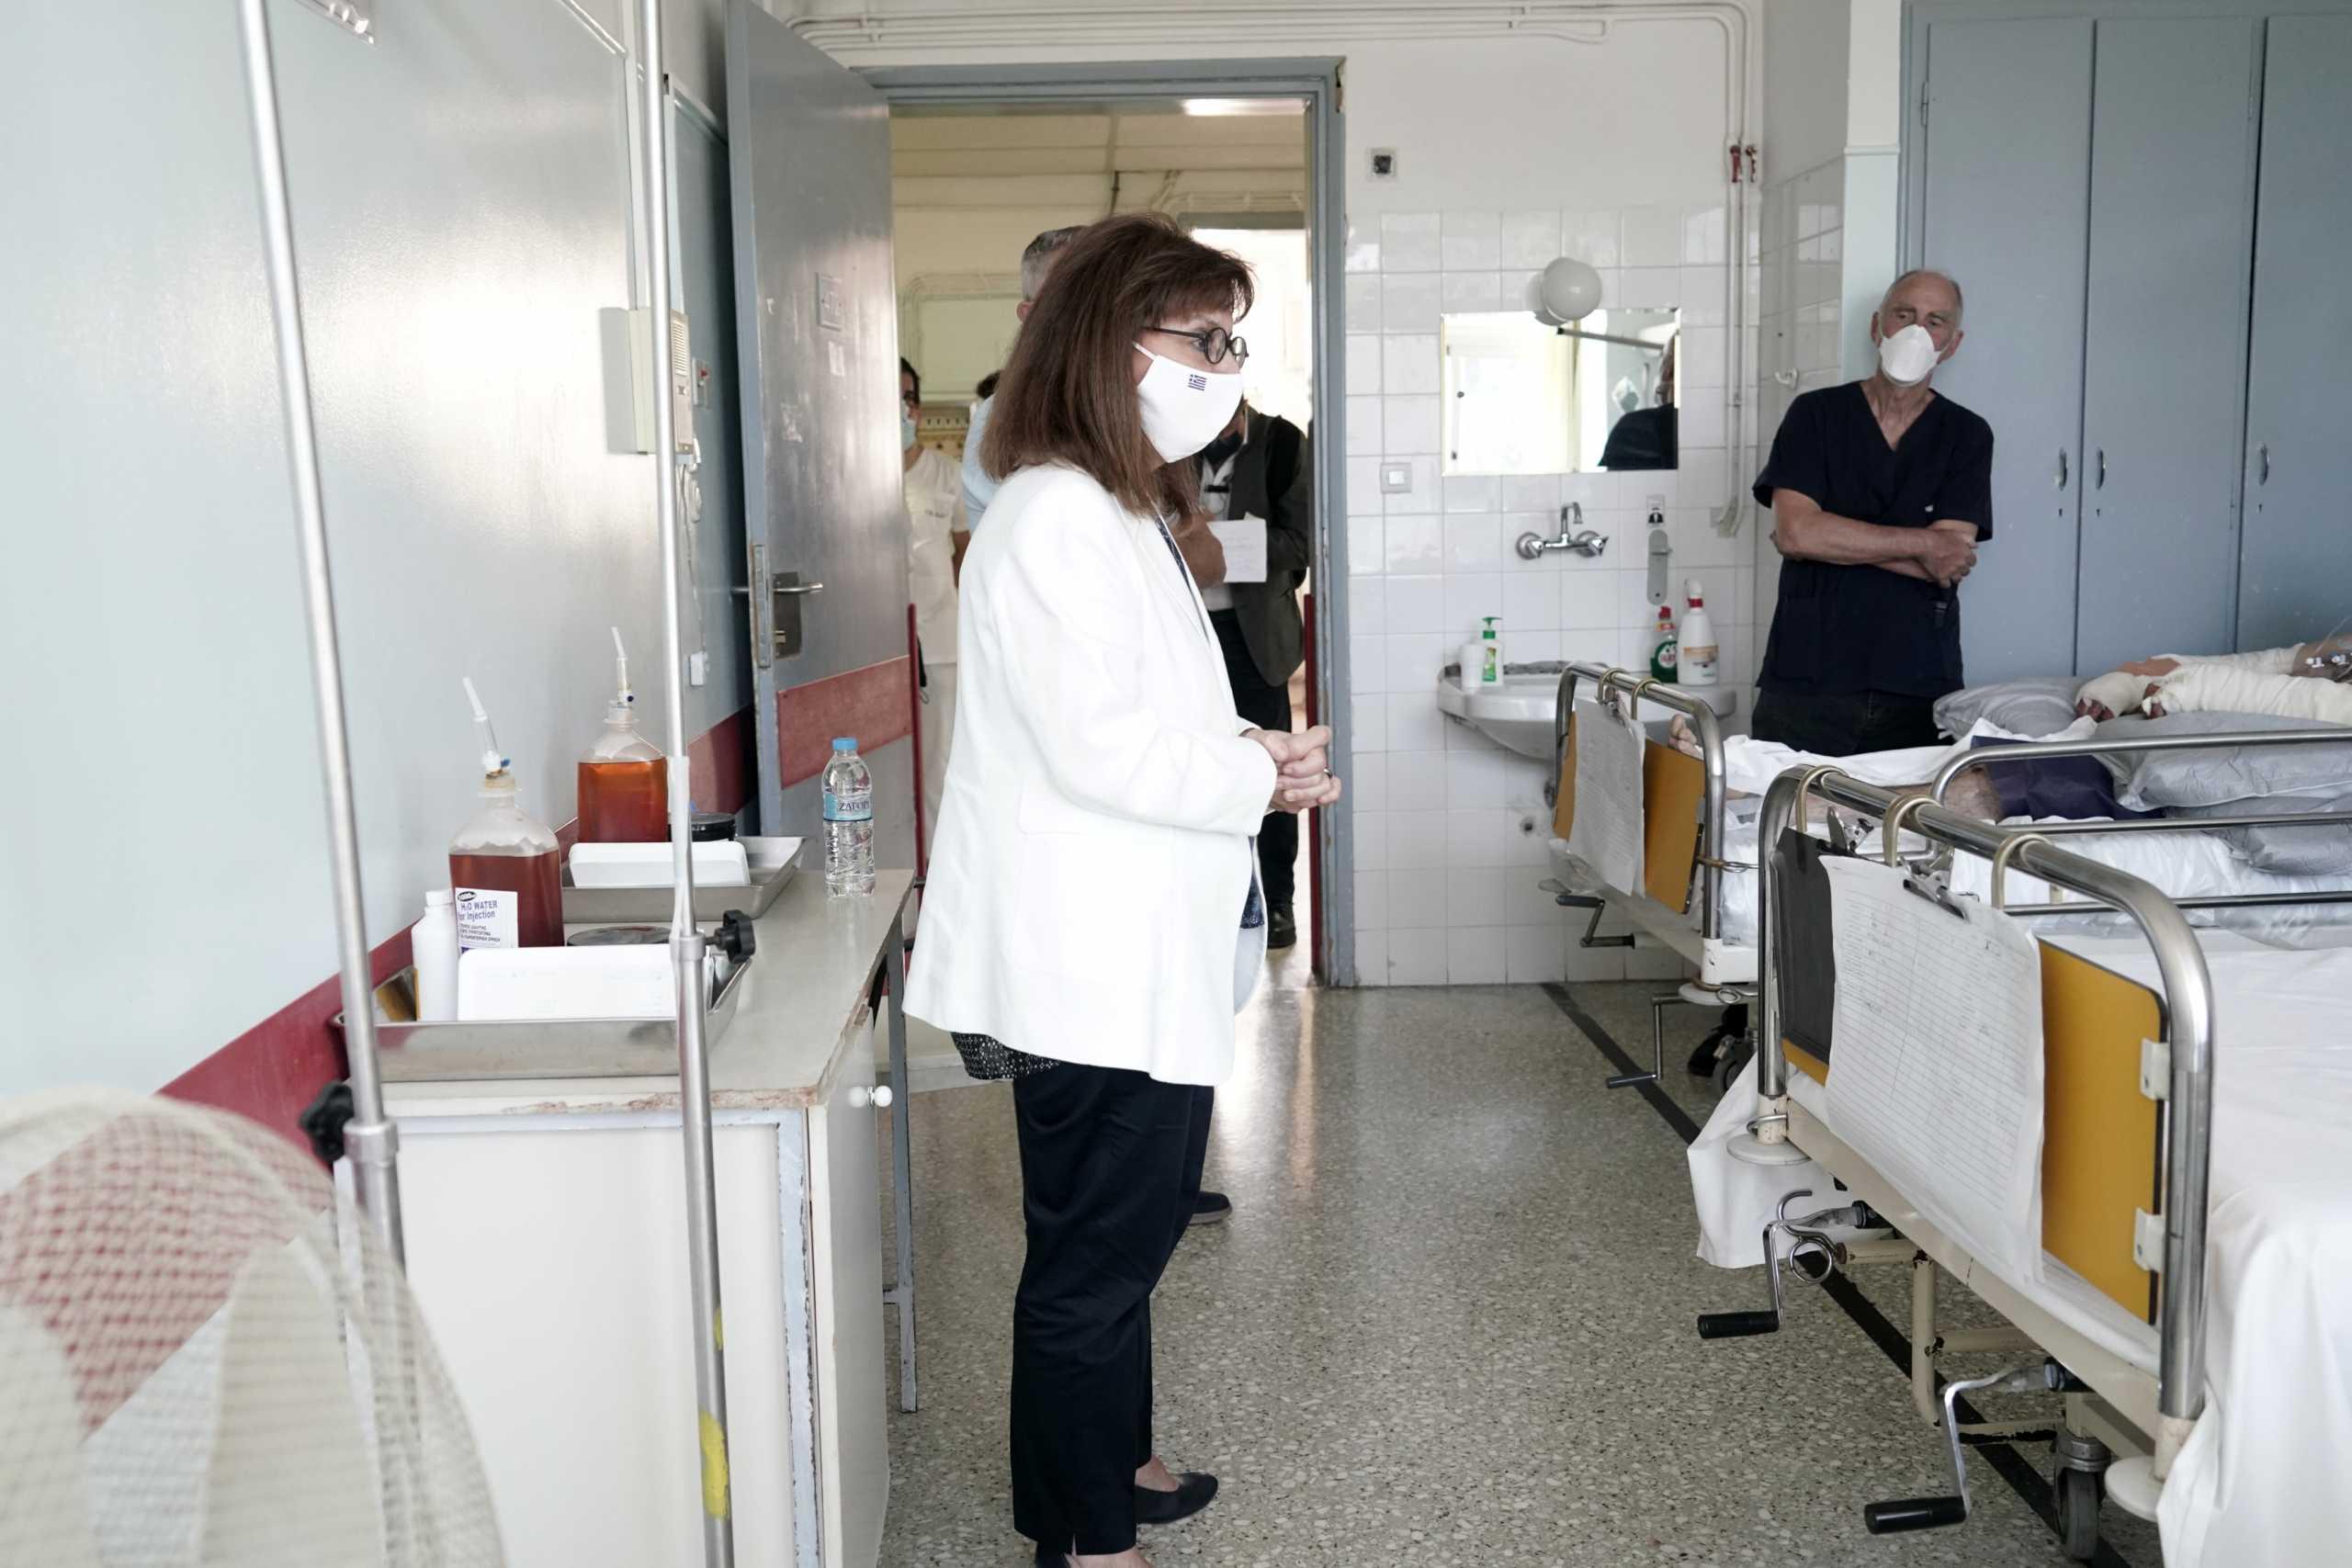 Κατερίνα Σακελλαροπούλου: Επισκέφθηκε στο νοσοκομείο τους εγκαυματίες δασοπυροσβέστες